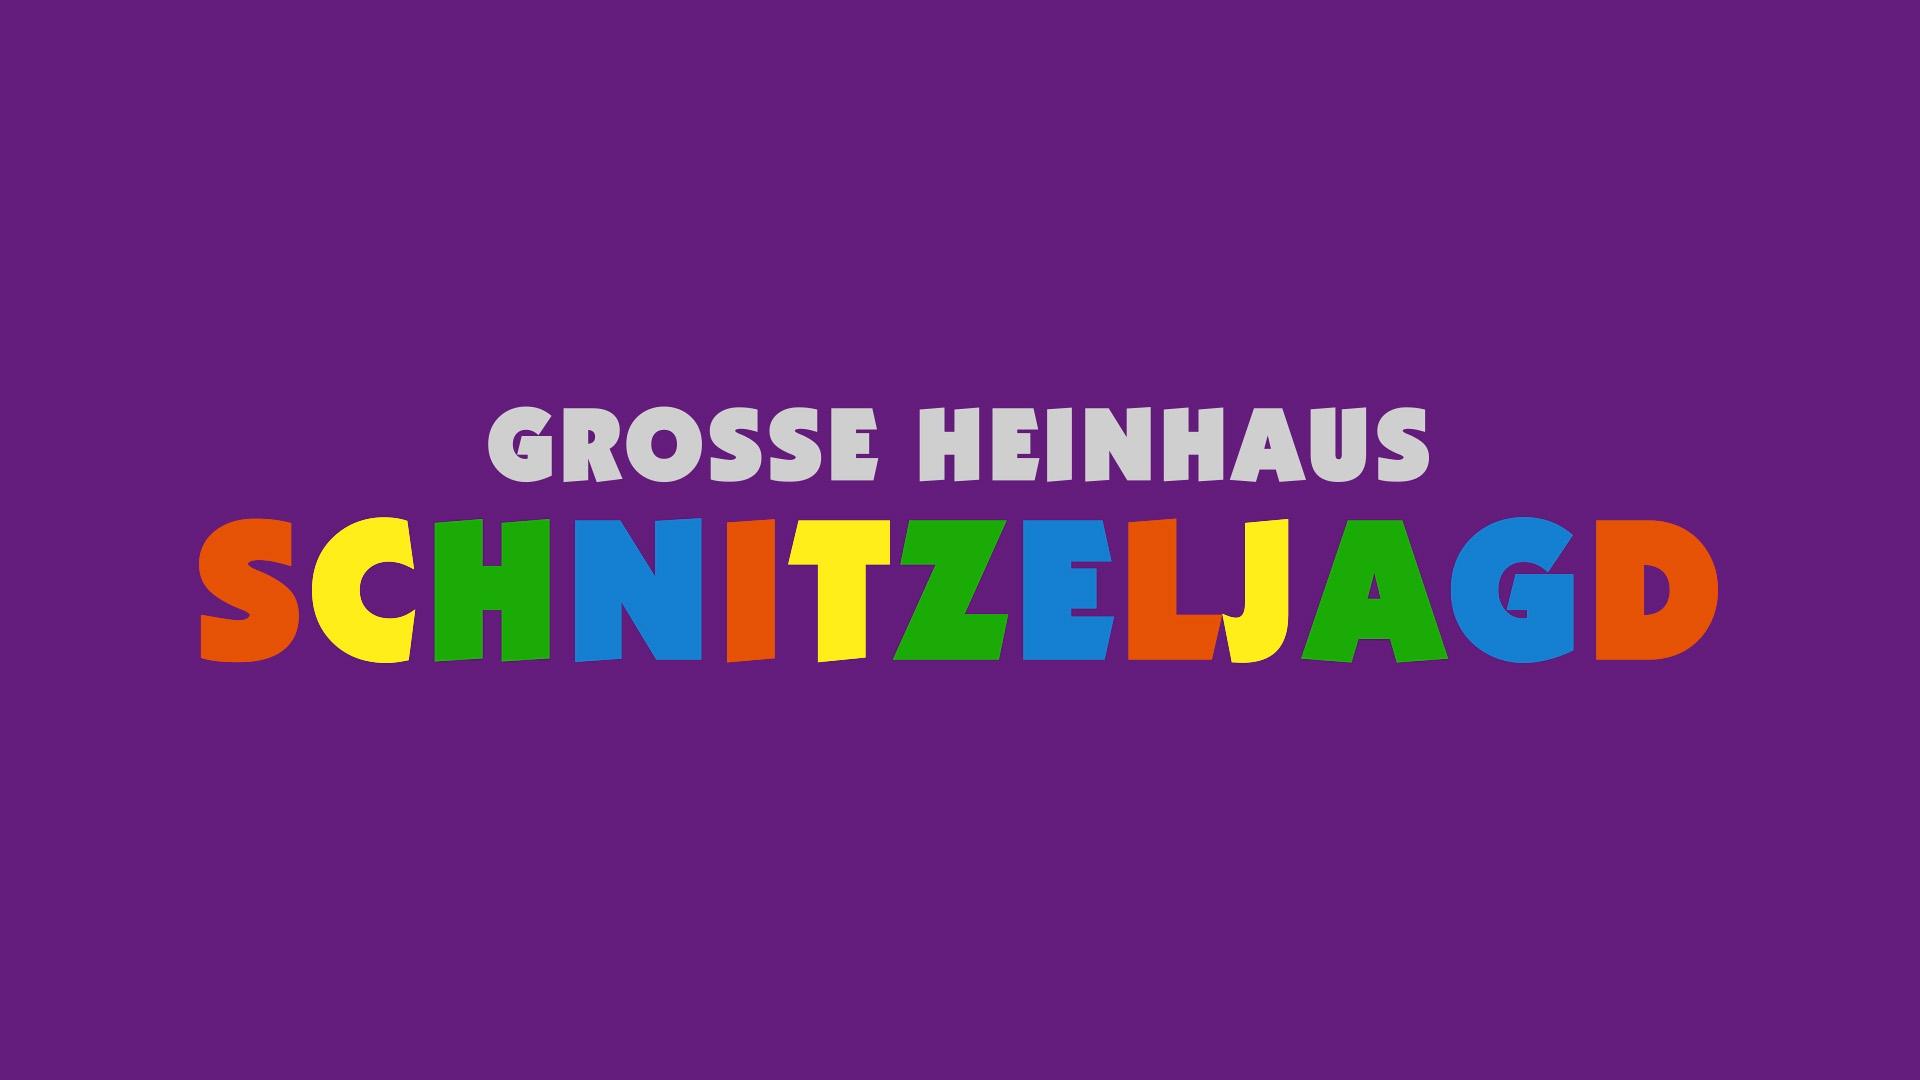 schnitzeljagd_header_1